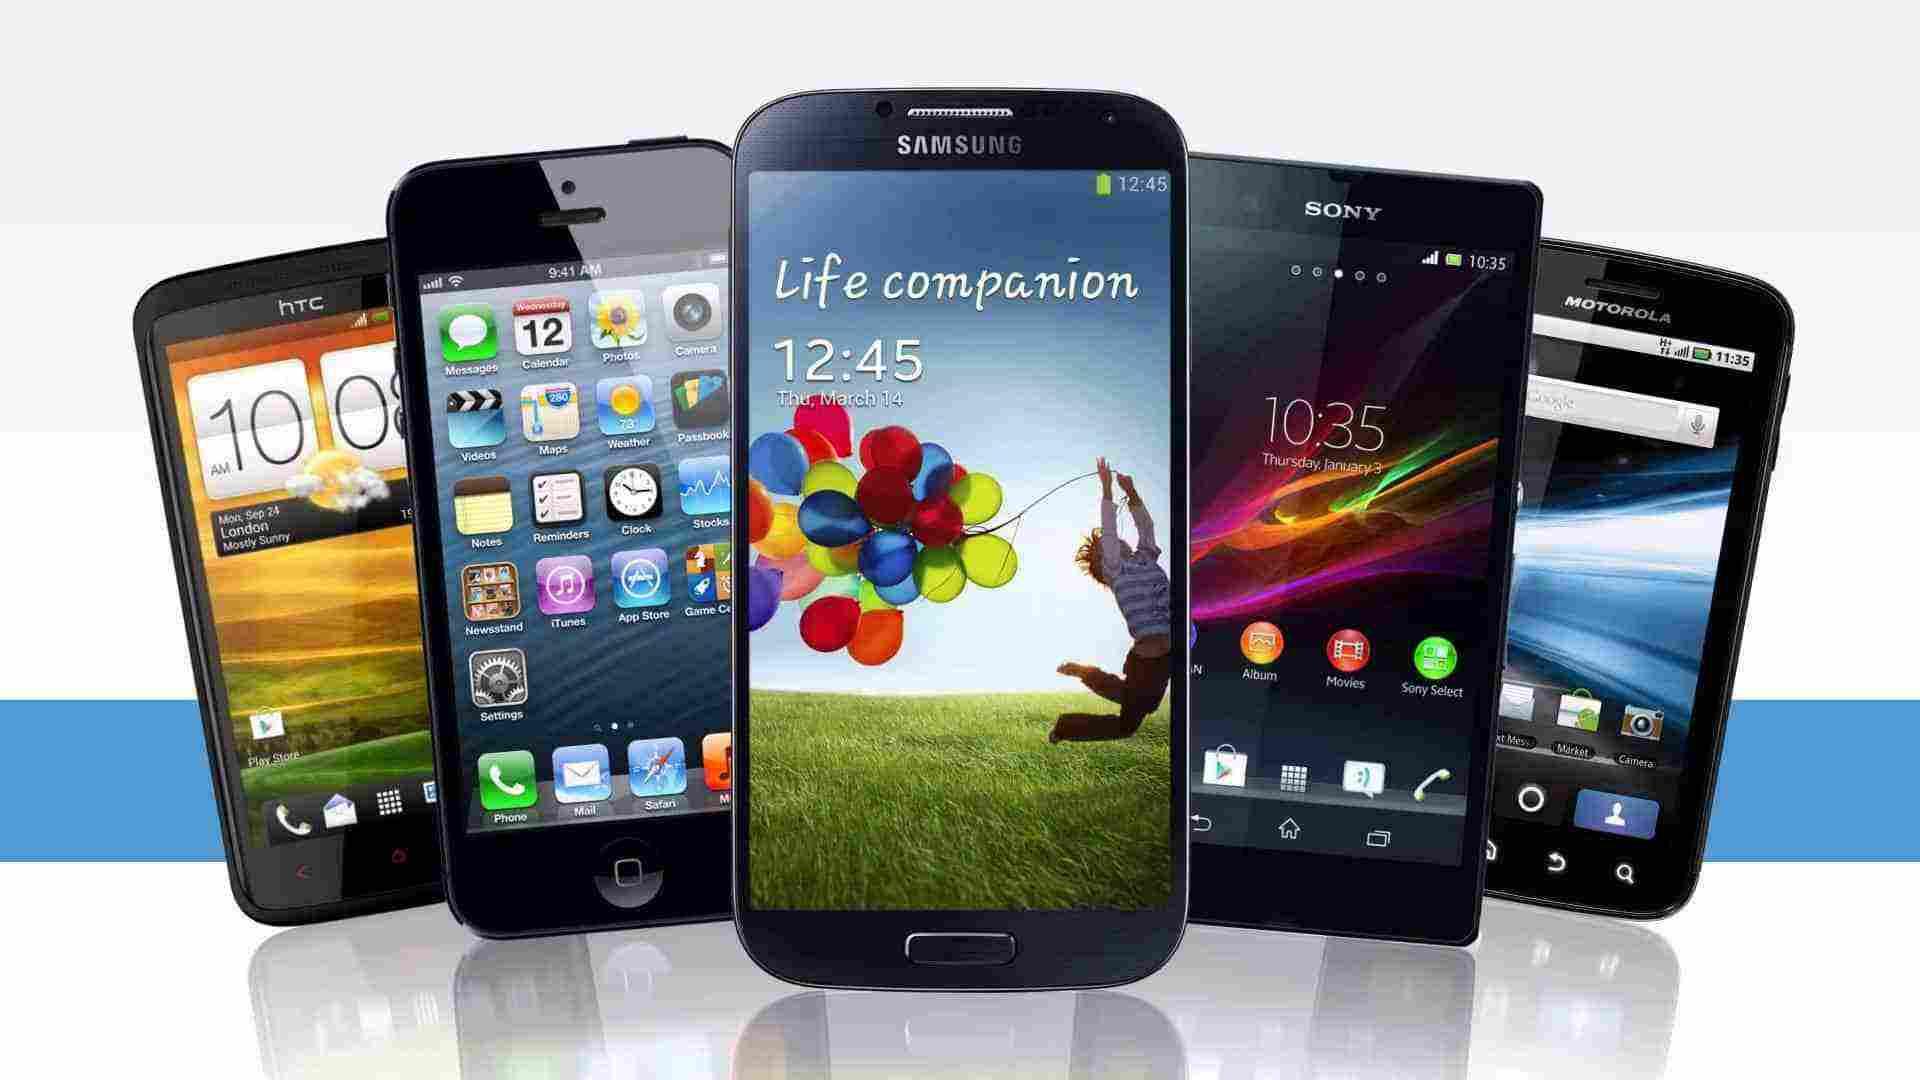 بحث عن الهاتف المحمول وكيفية إستخدامه زيادة